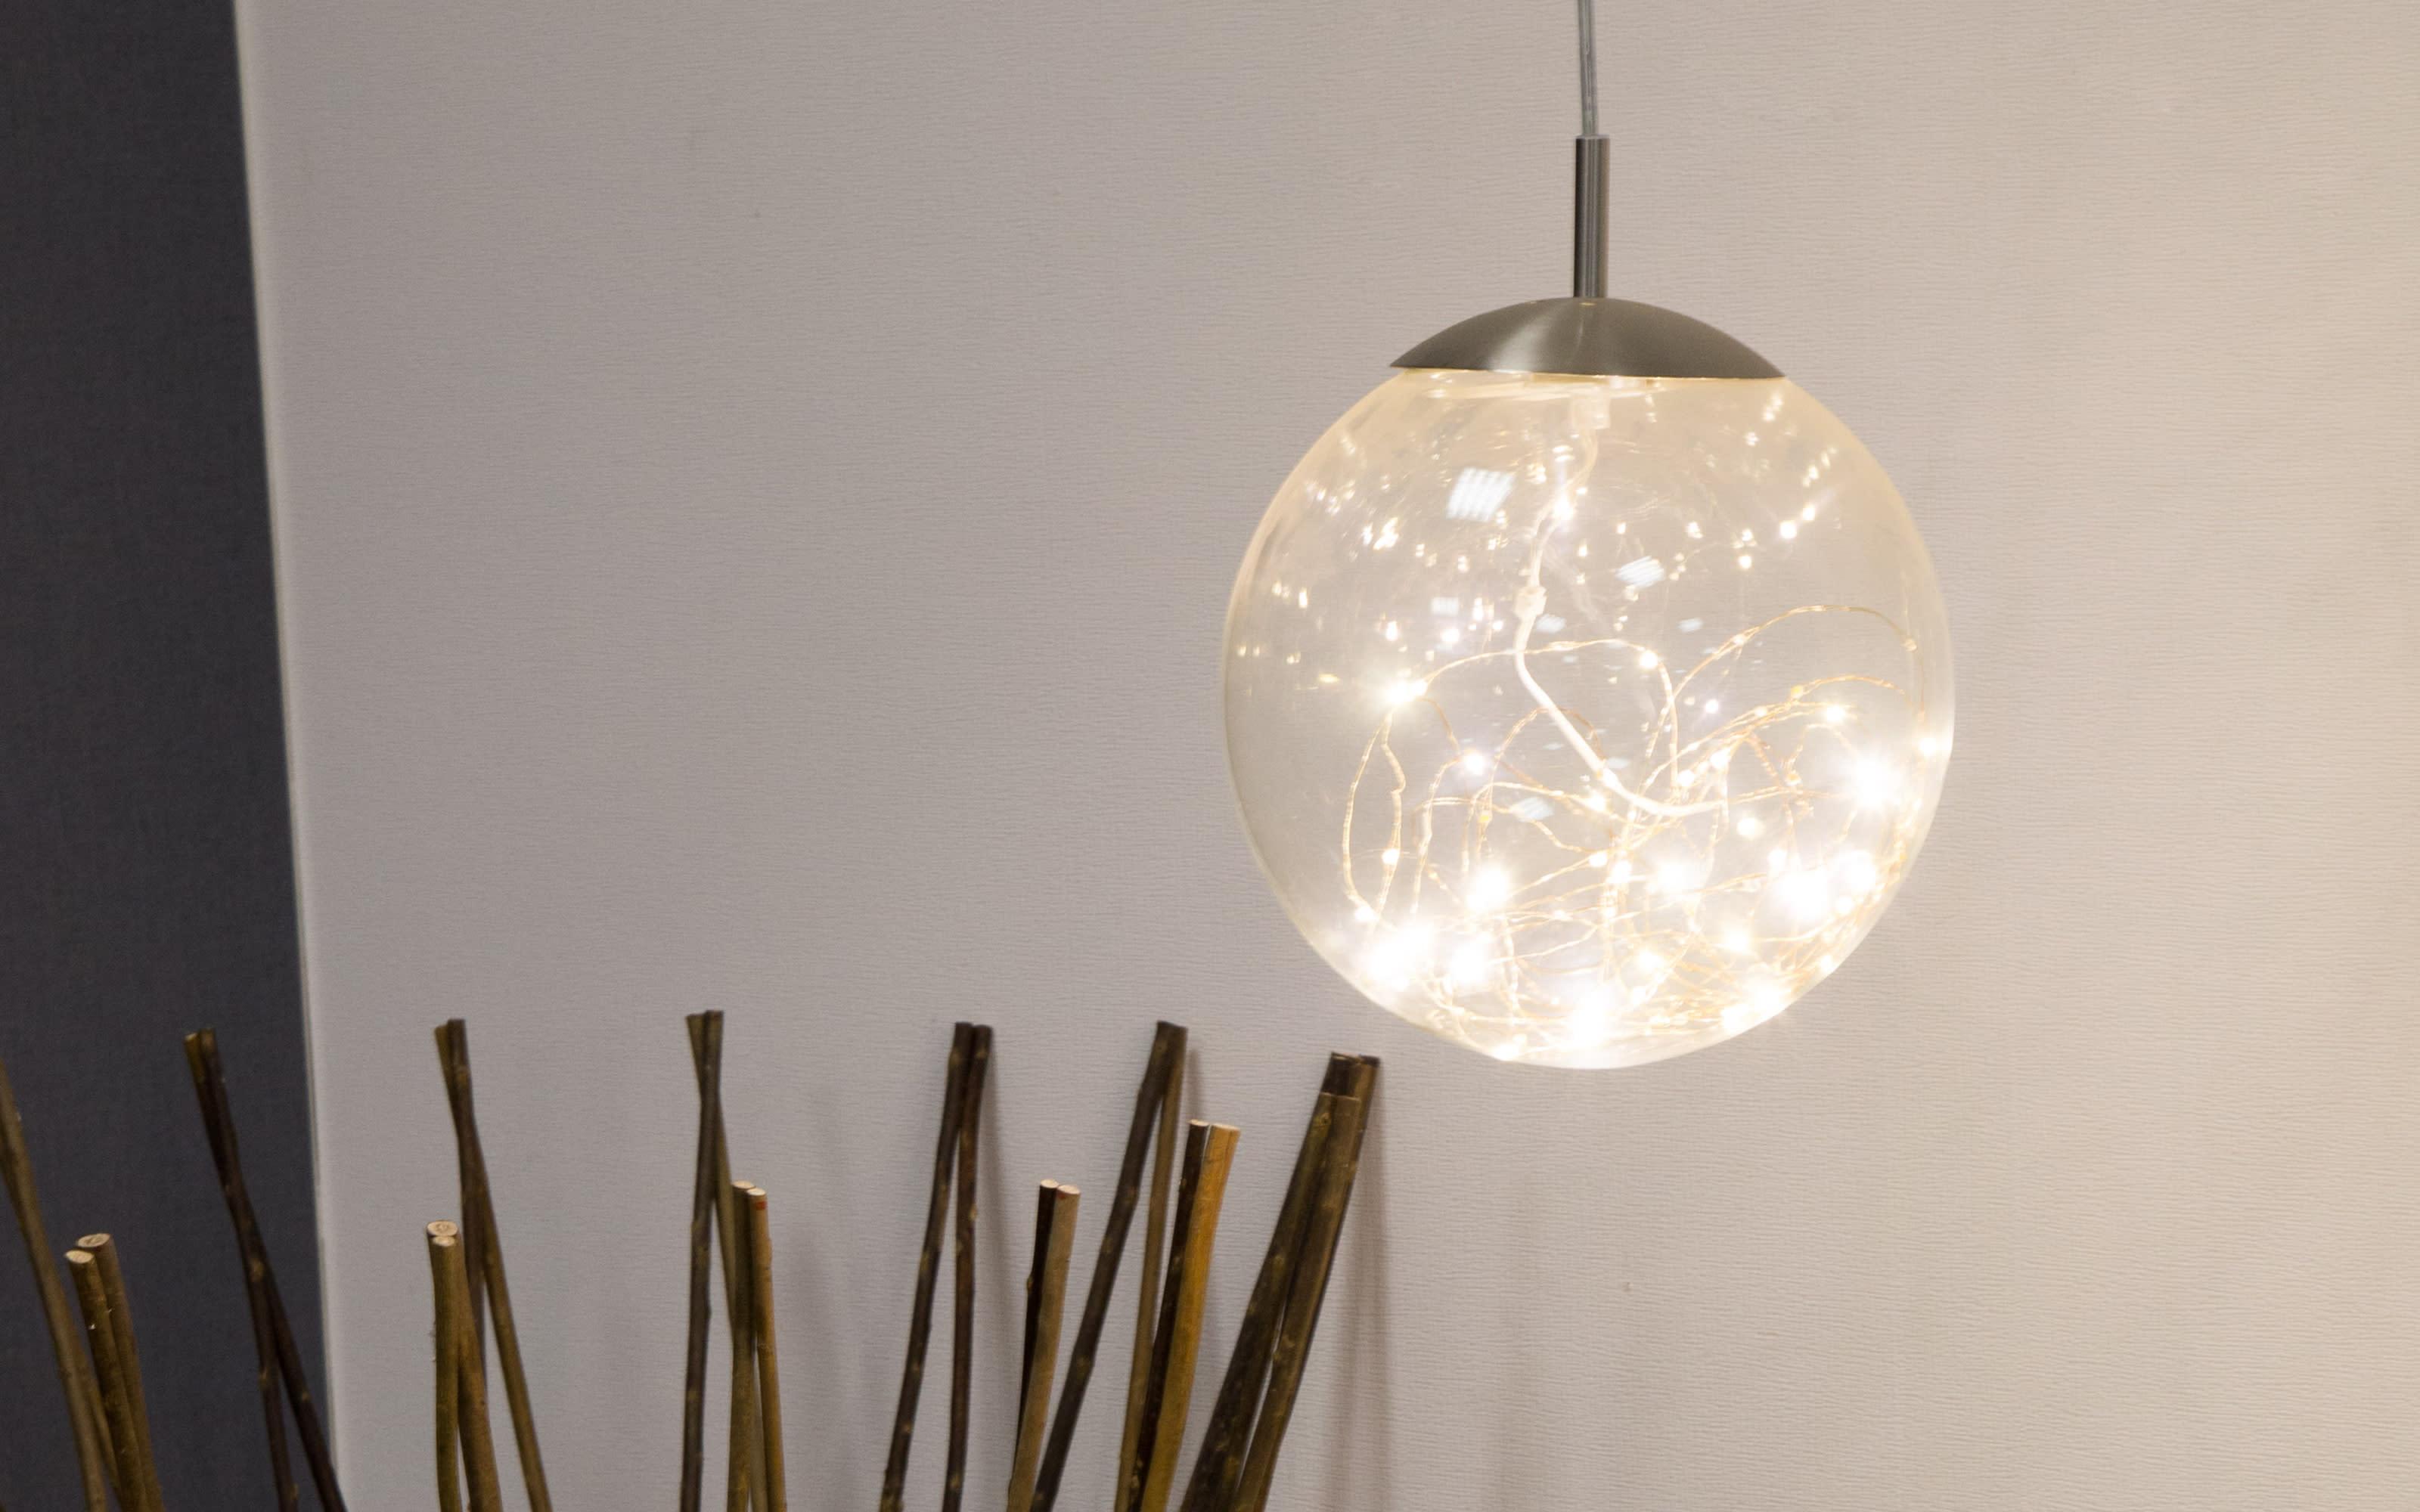 LED-Pendelleuchte Lights in klar, 30 cm